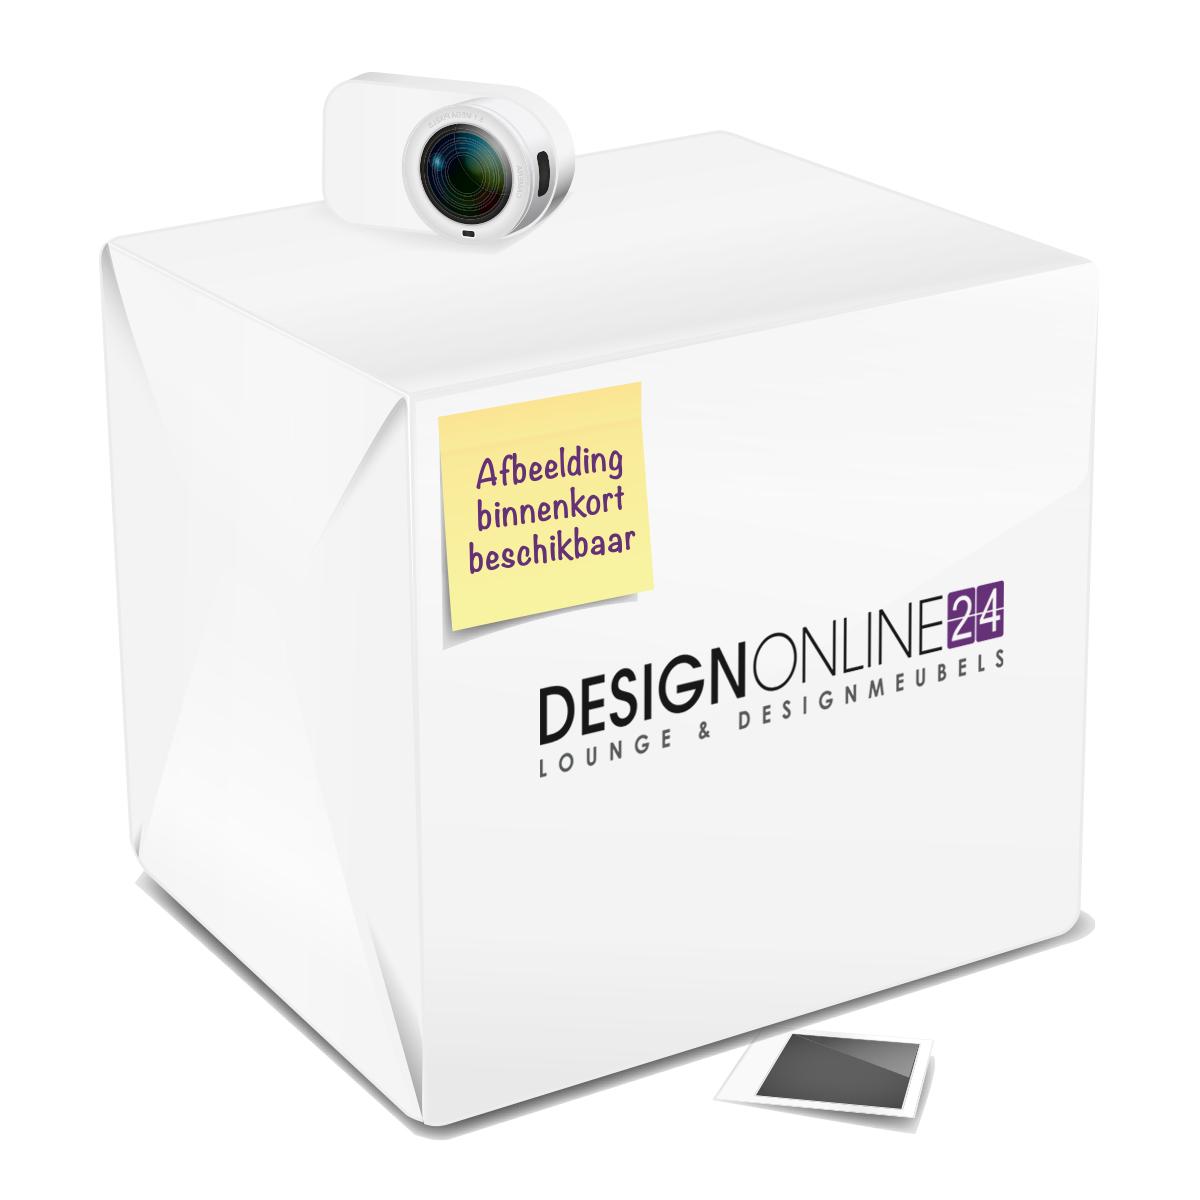 Donker Eiken Tv Kast.24designs Monsano Tv Meubel Donker Eiken Designonline24